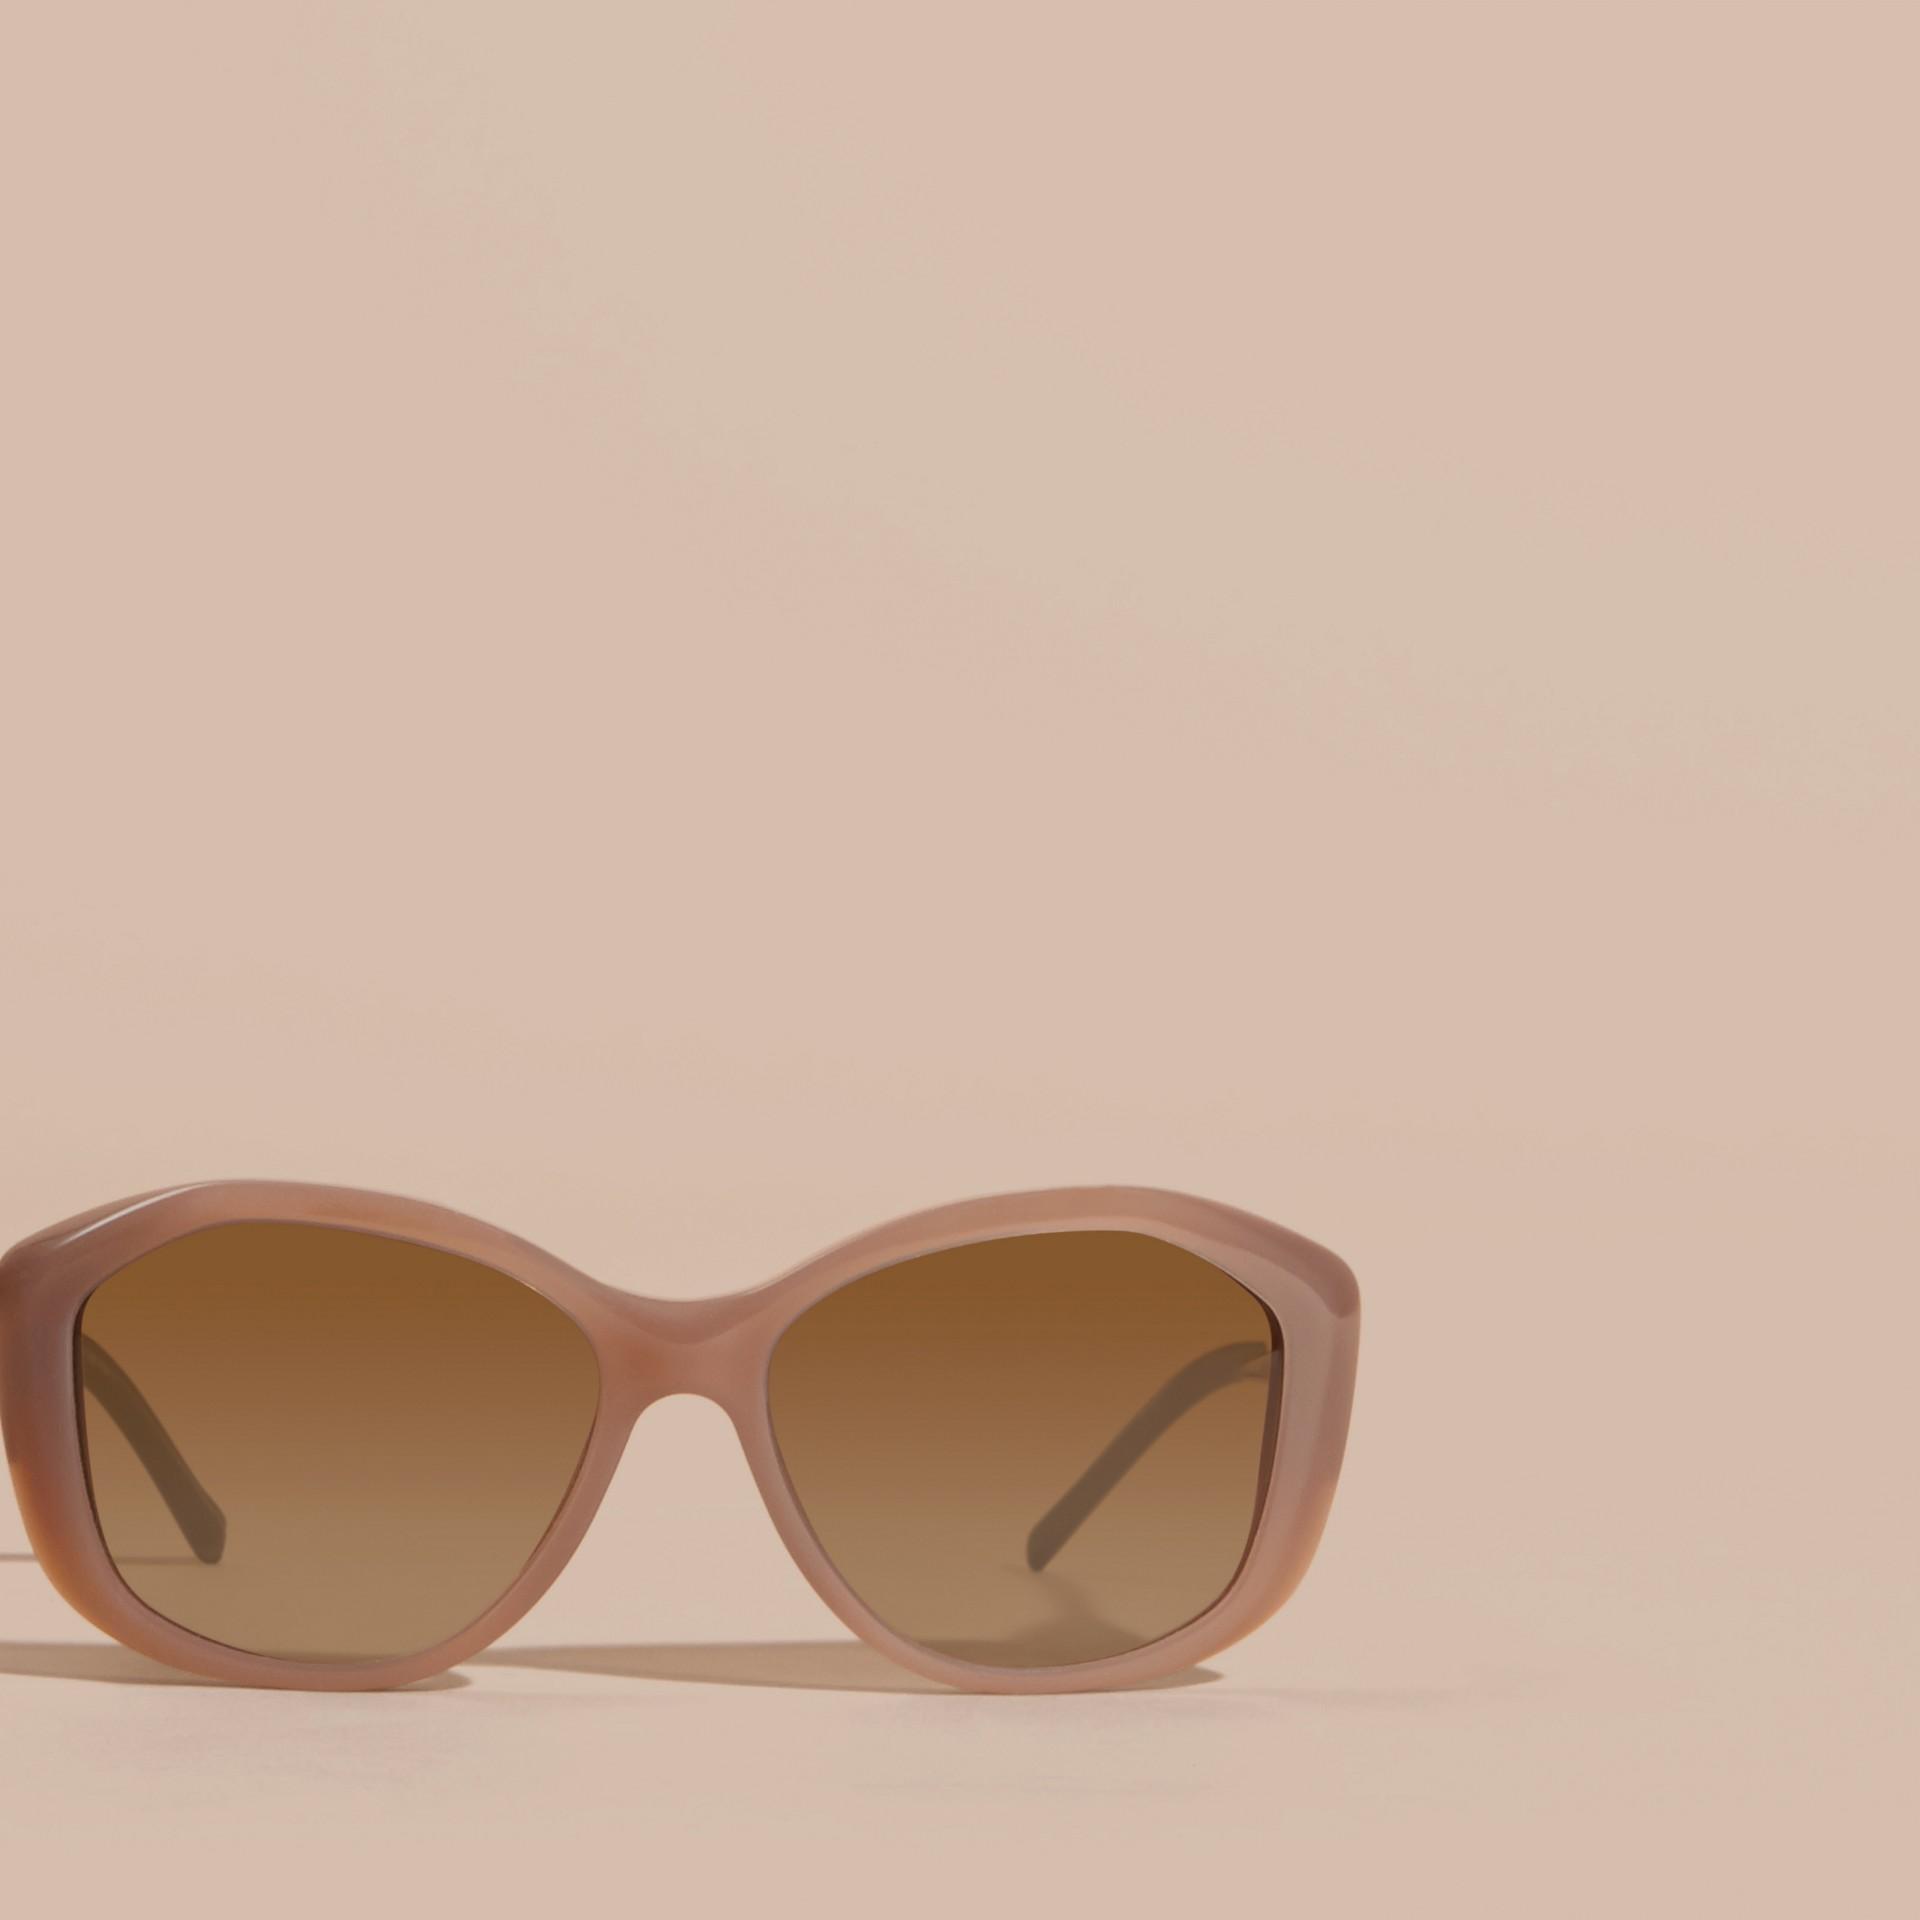 Opal melange Óculos de sol com armação quadrada da coleção Gabardine Lace Opal Melange - galeria de imagens 3